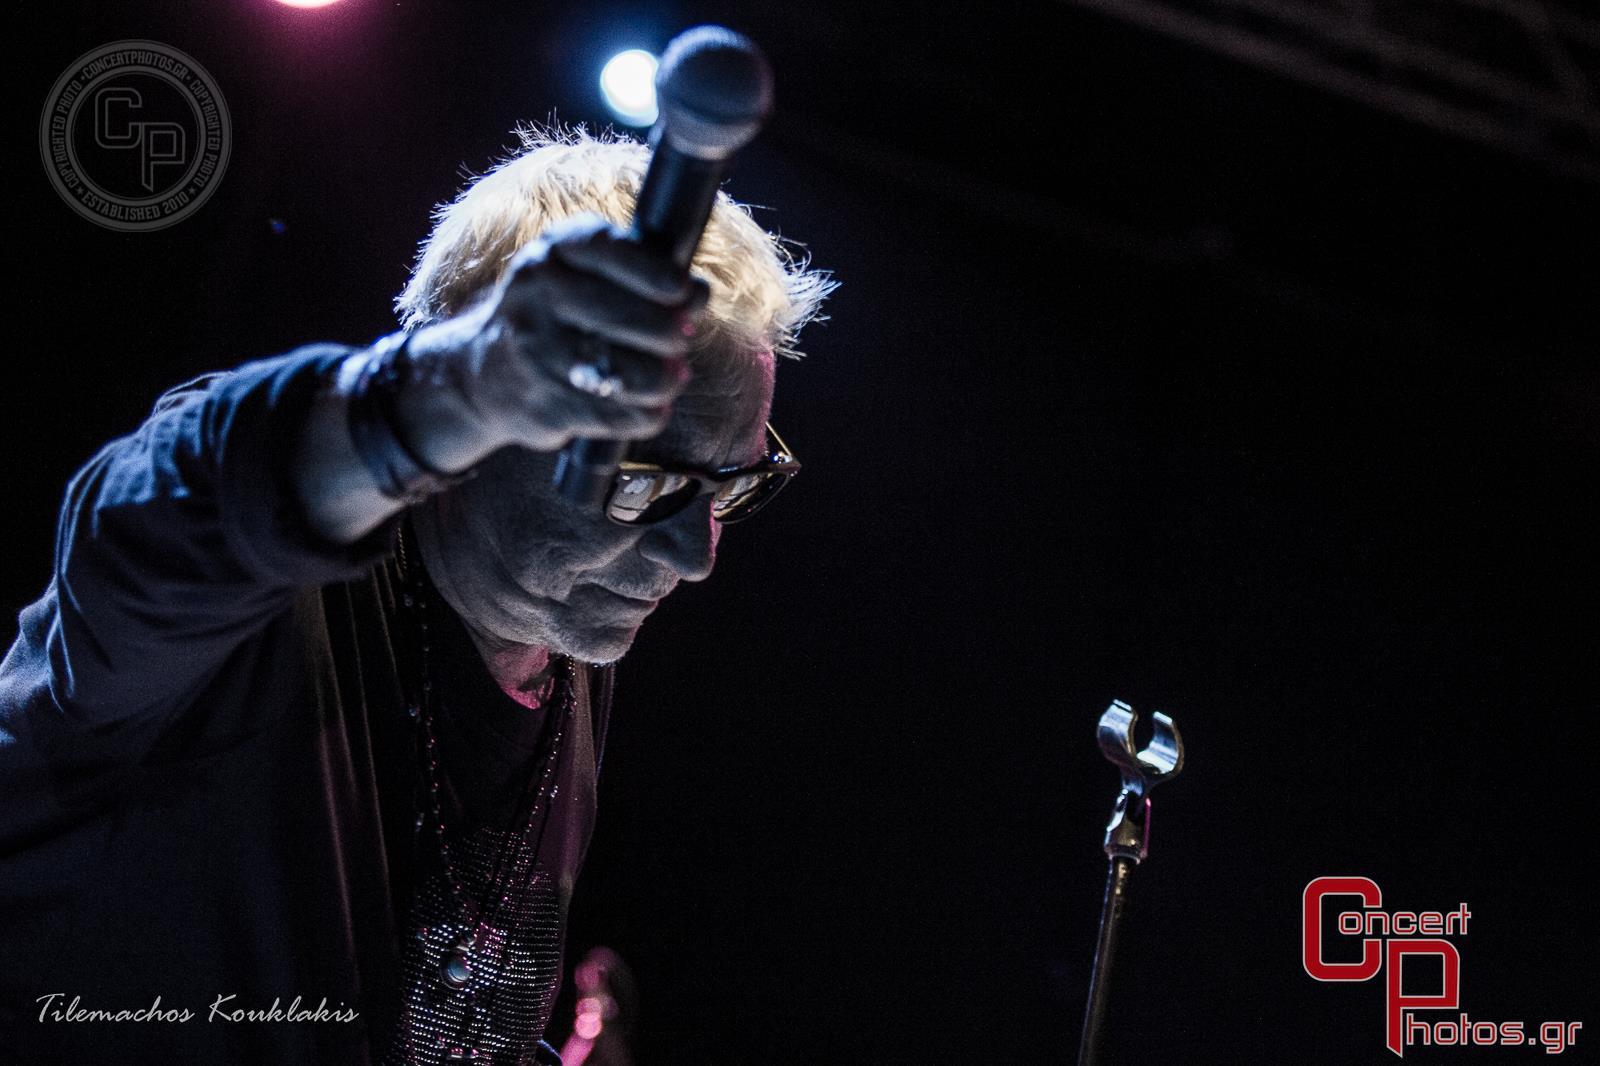 Rockwave 2014-Rockwave 2014 - Day 1 photographer:  - Rockwave-2014-107